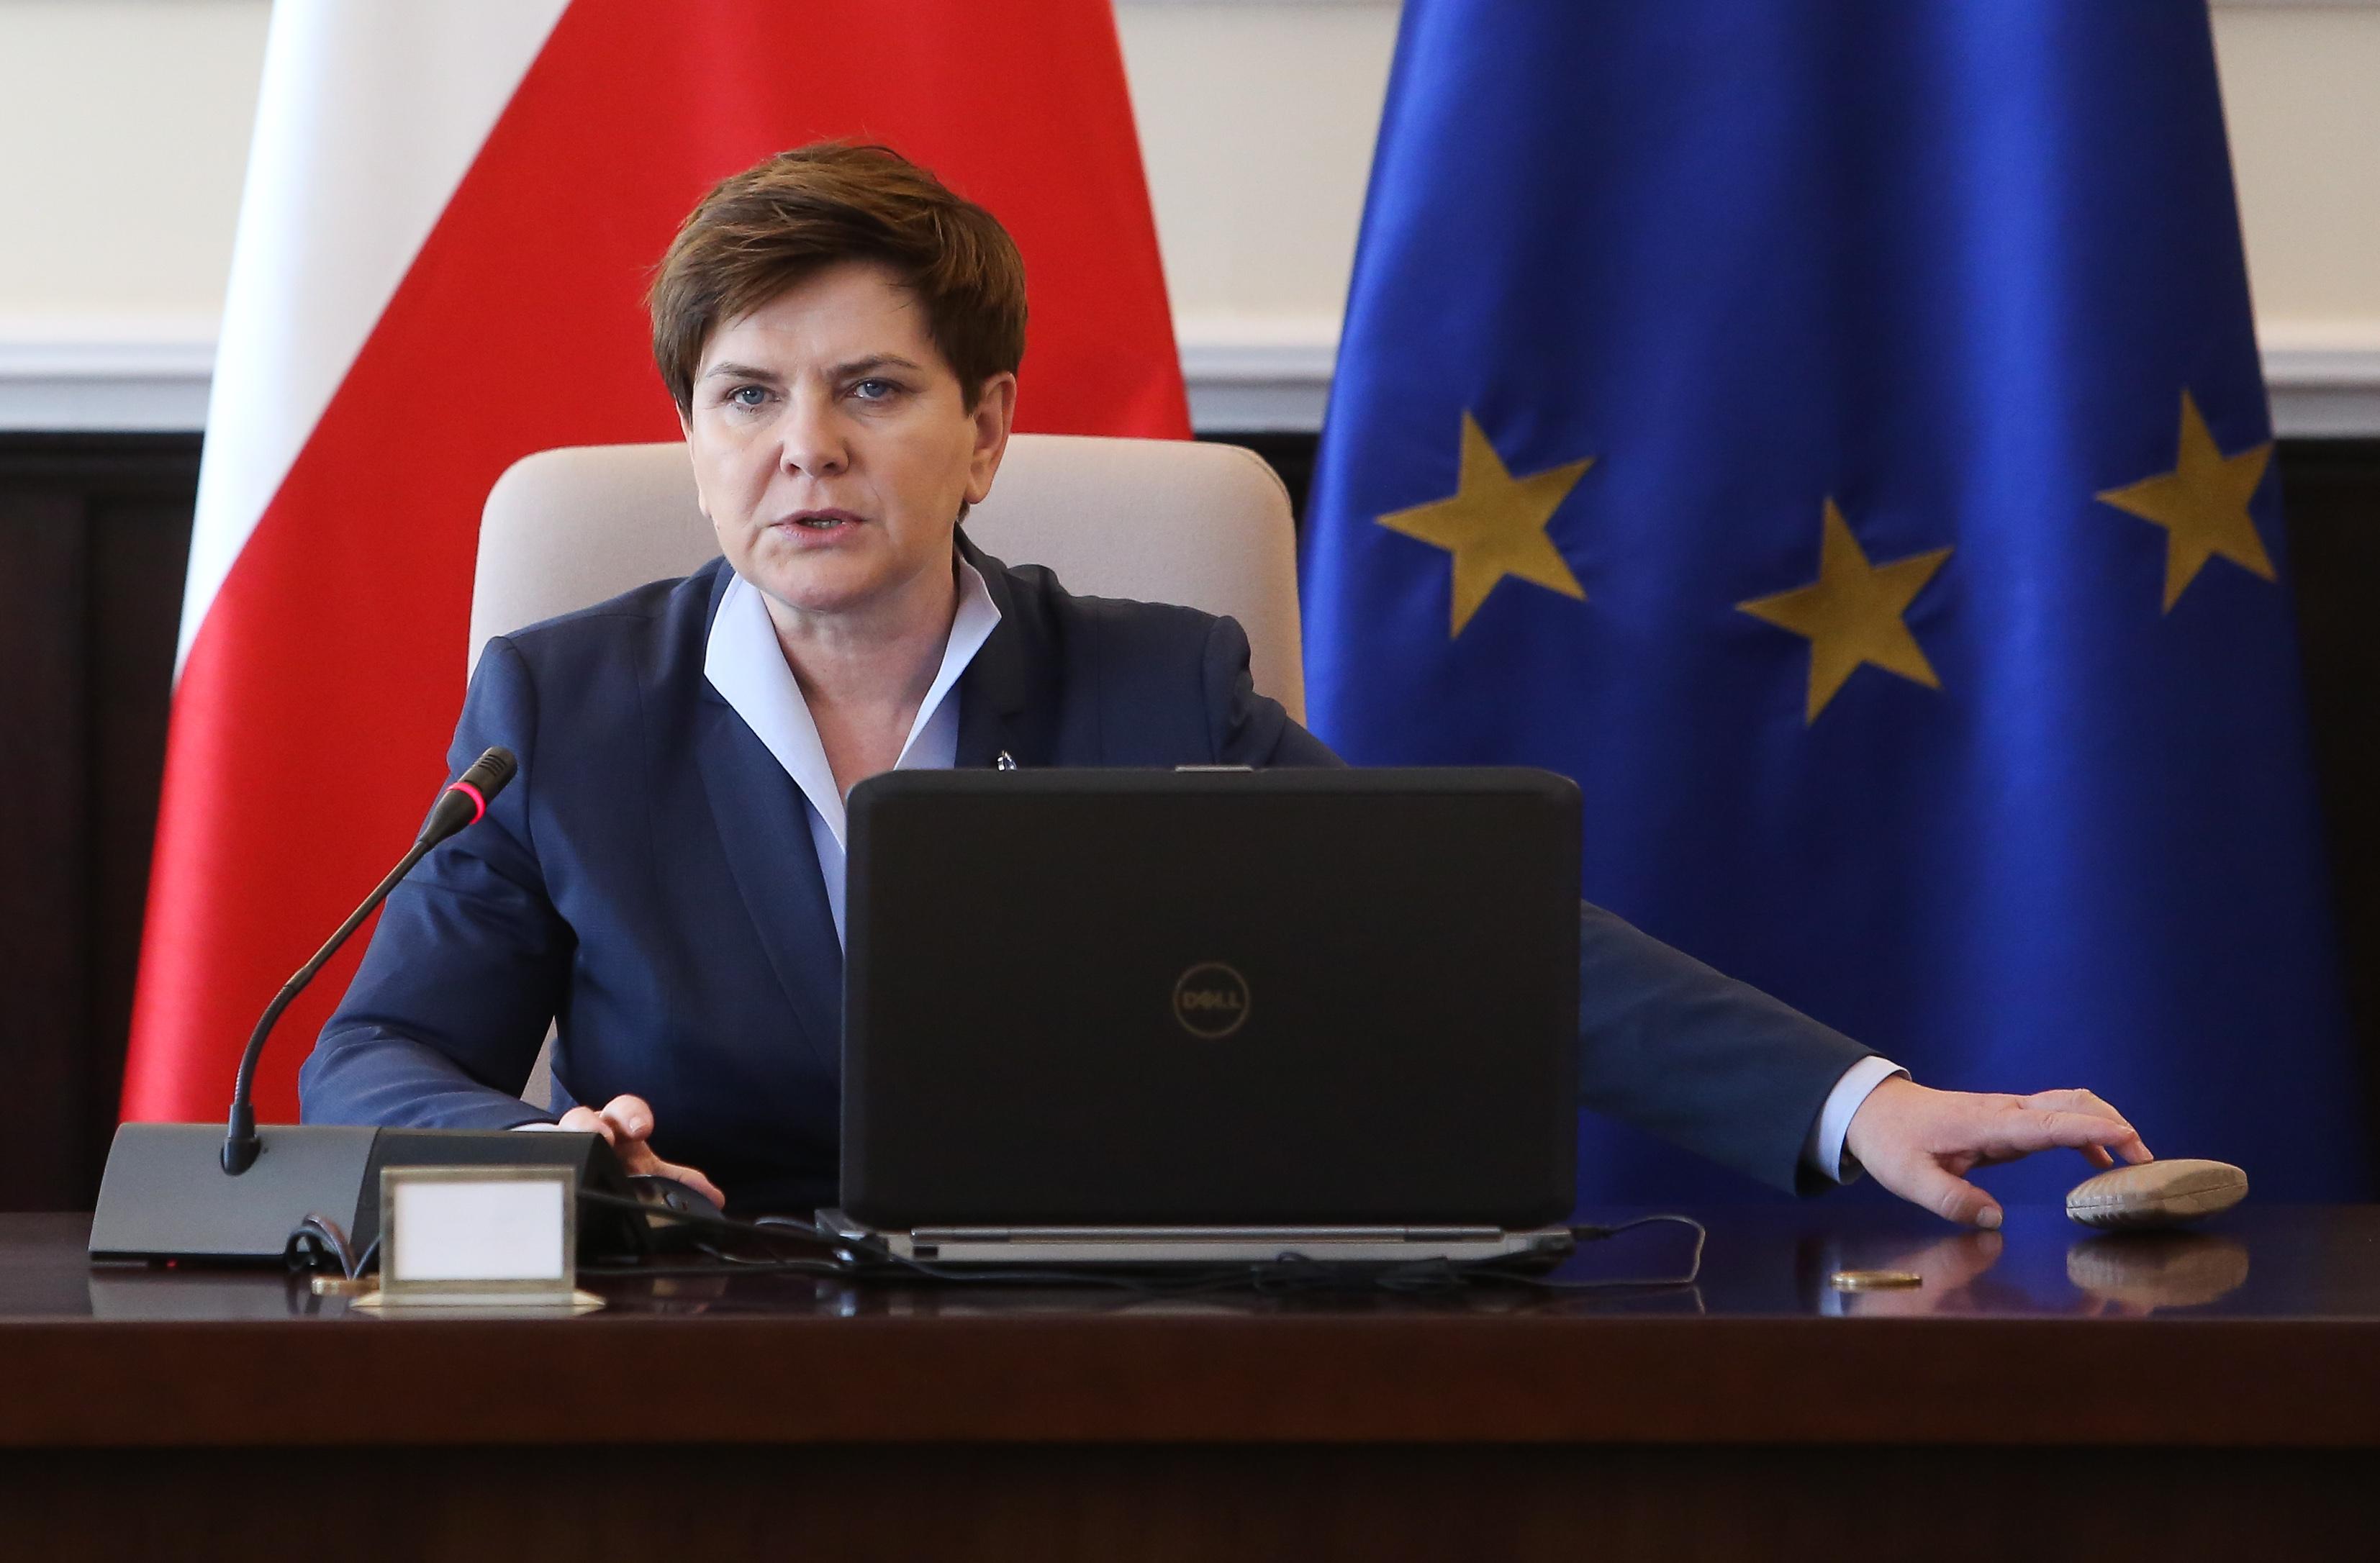 Nowa płaca minimalna 2 000 złotych: skorzysta 1,3 mln Polaków, pracodawcy zaskoczeni